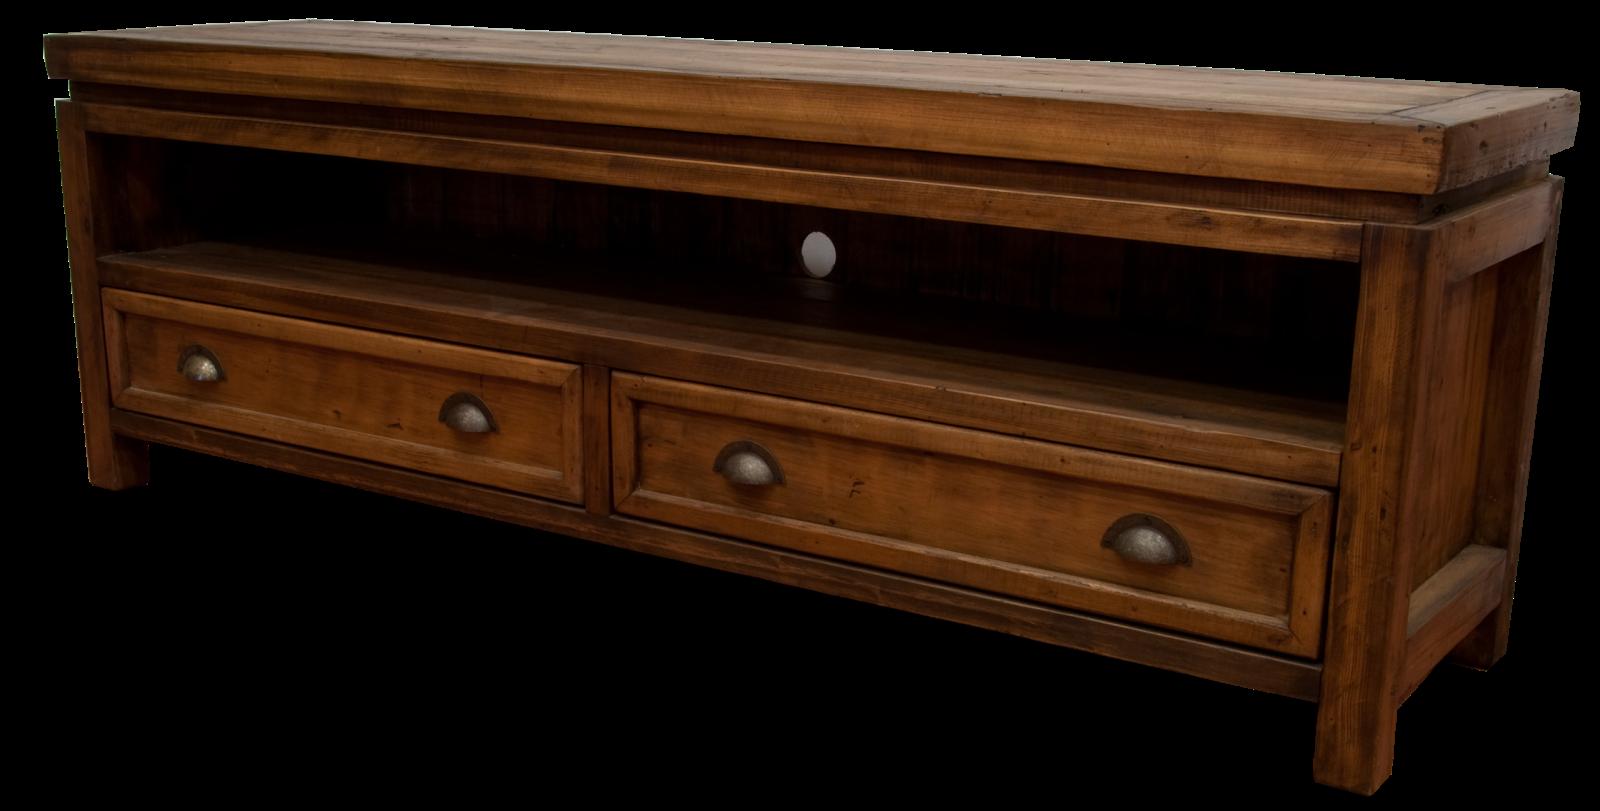 Marcio Pisoni: Racks feitos com madeira original de demolição #2A1407 1600x811